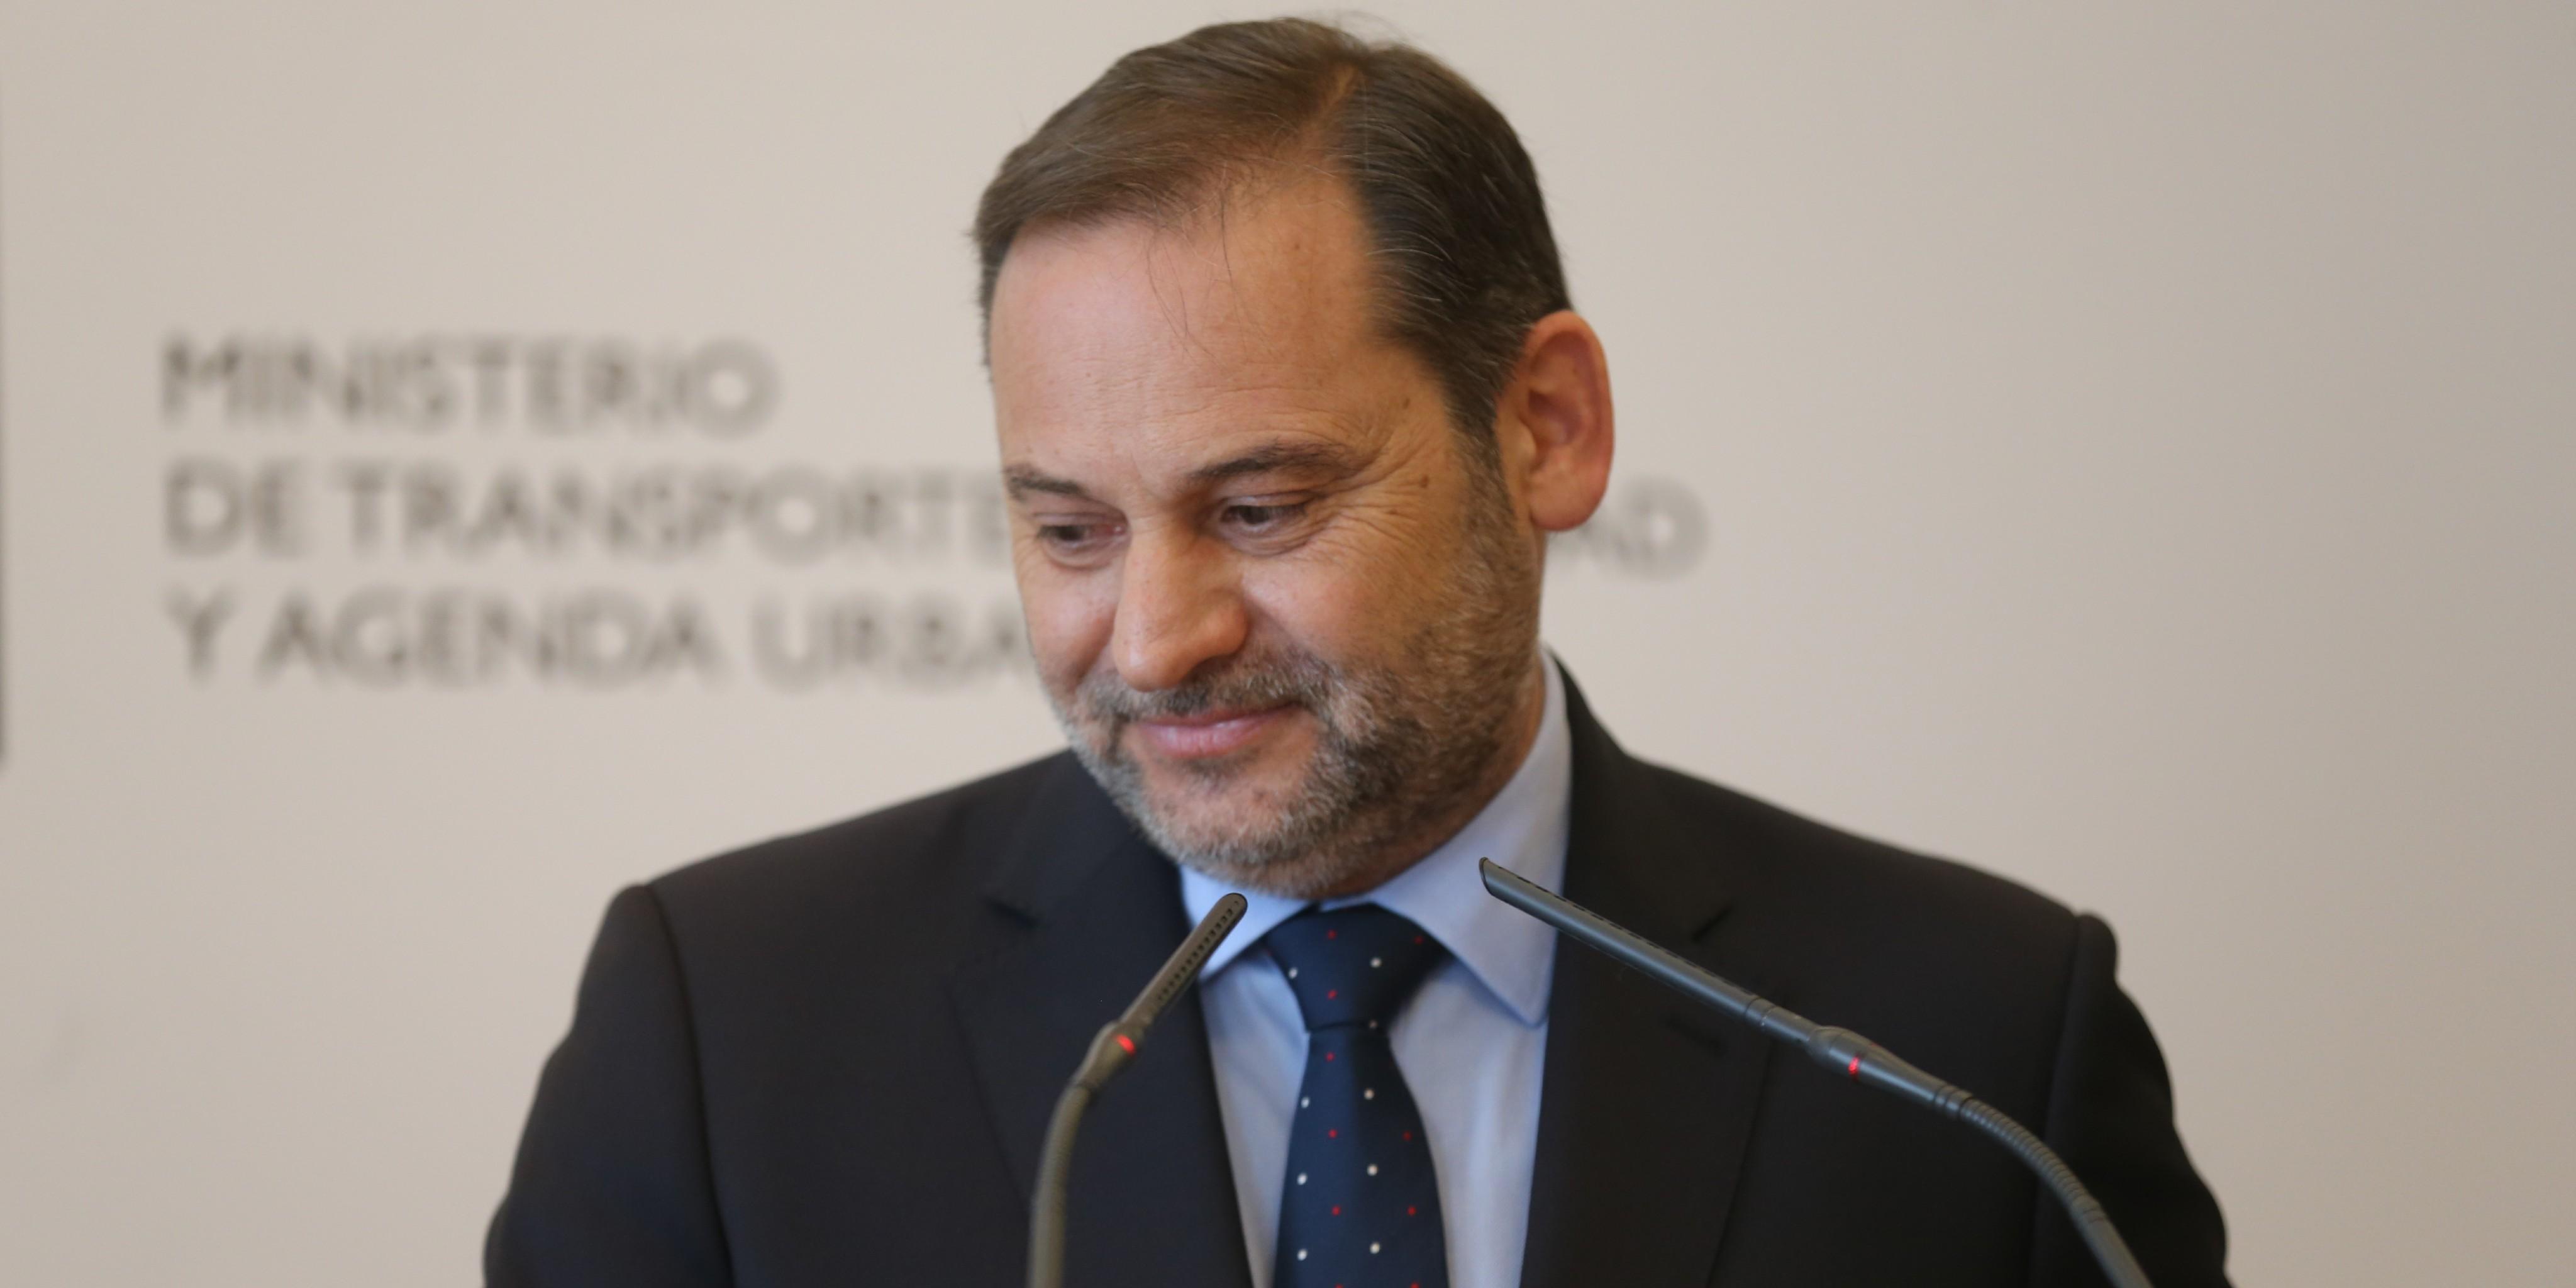 La salida de José Luis Ábalos ha dejado en shock a buena parte del PSOE. / EP